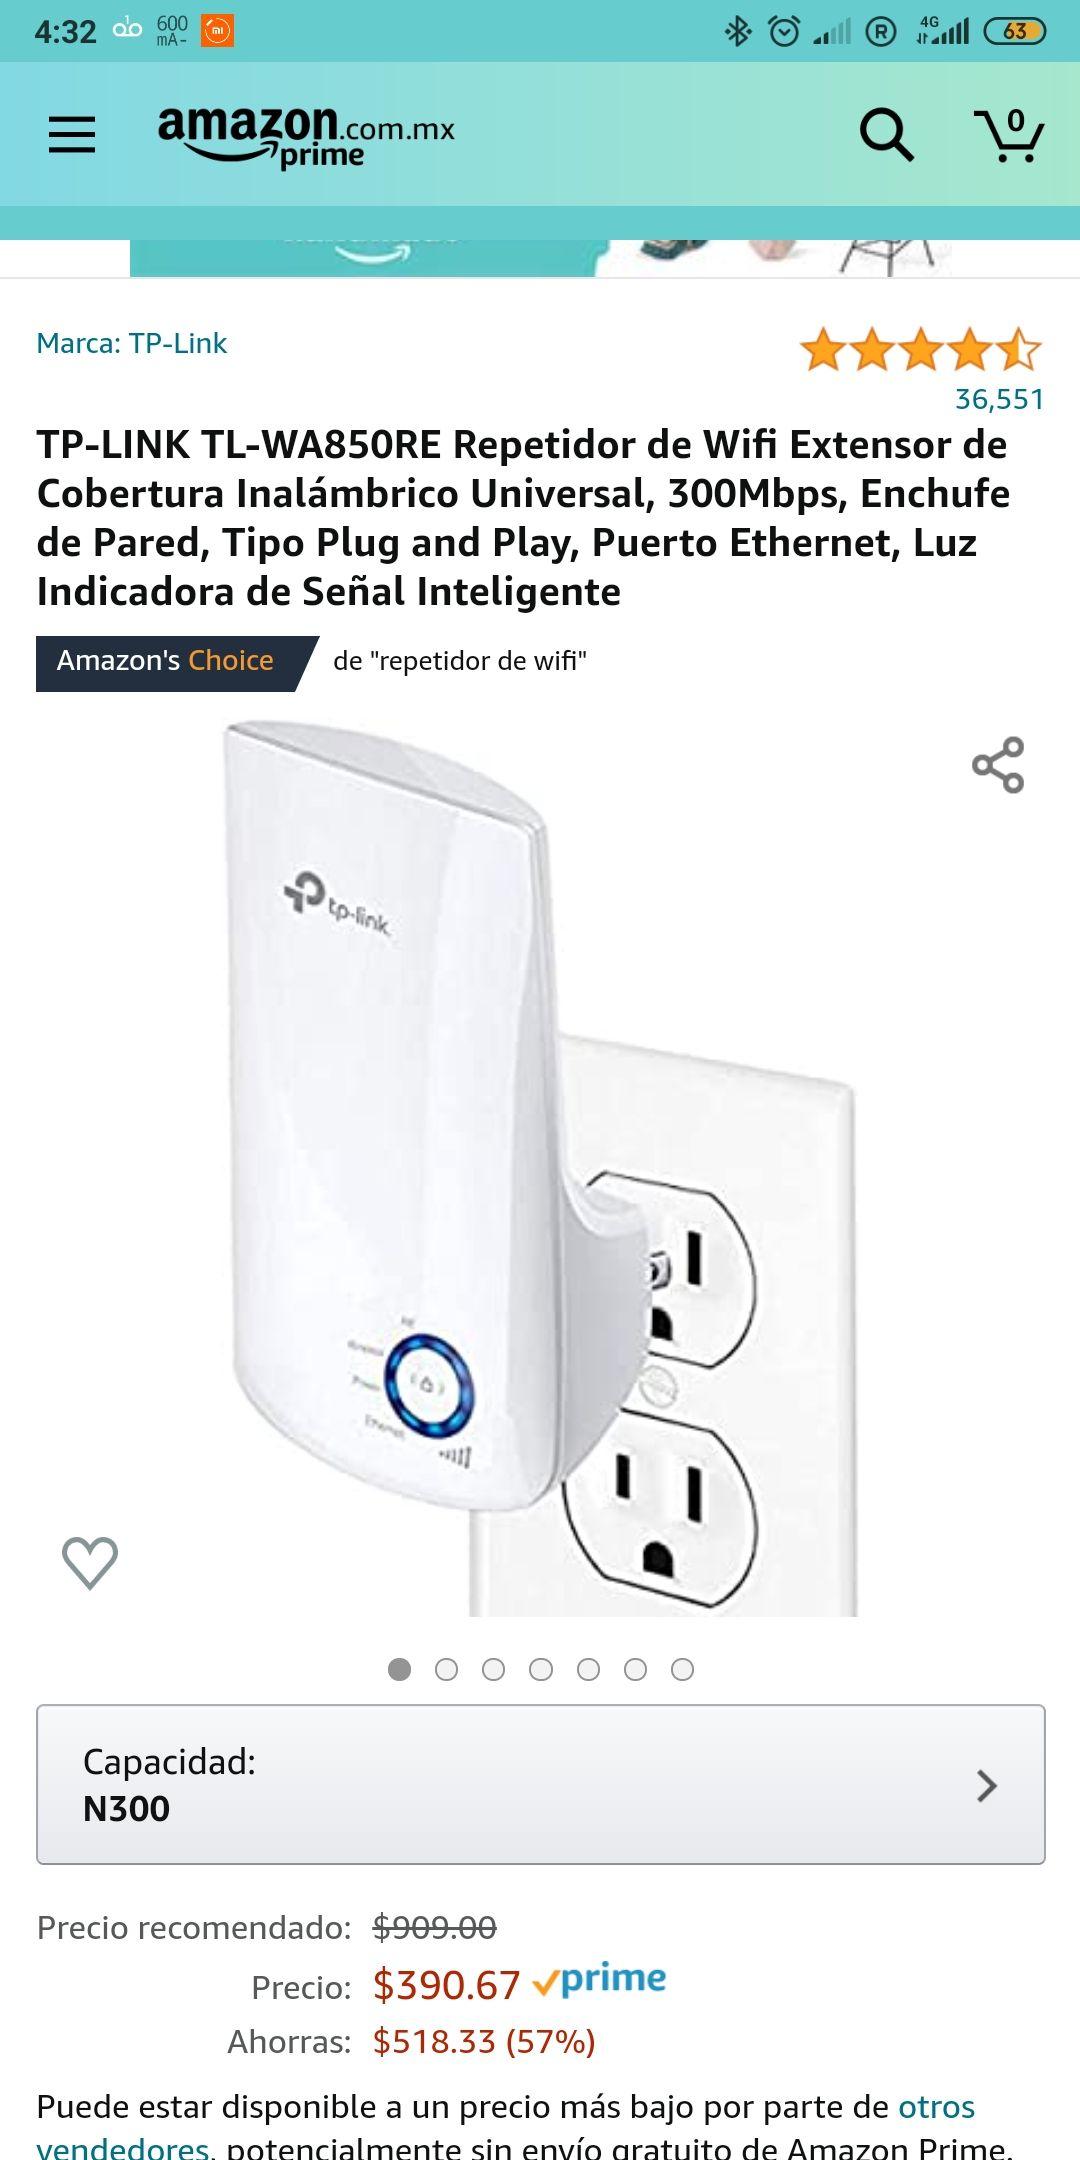 Amazon: TP-LINK TL-WA850RE Repetidor de Wifi